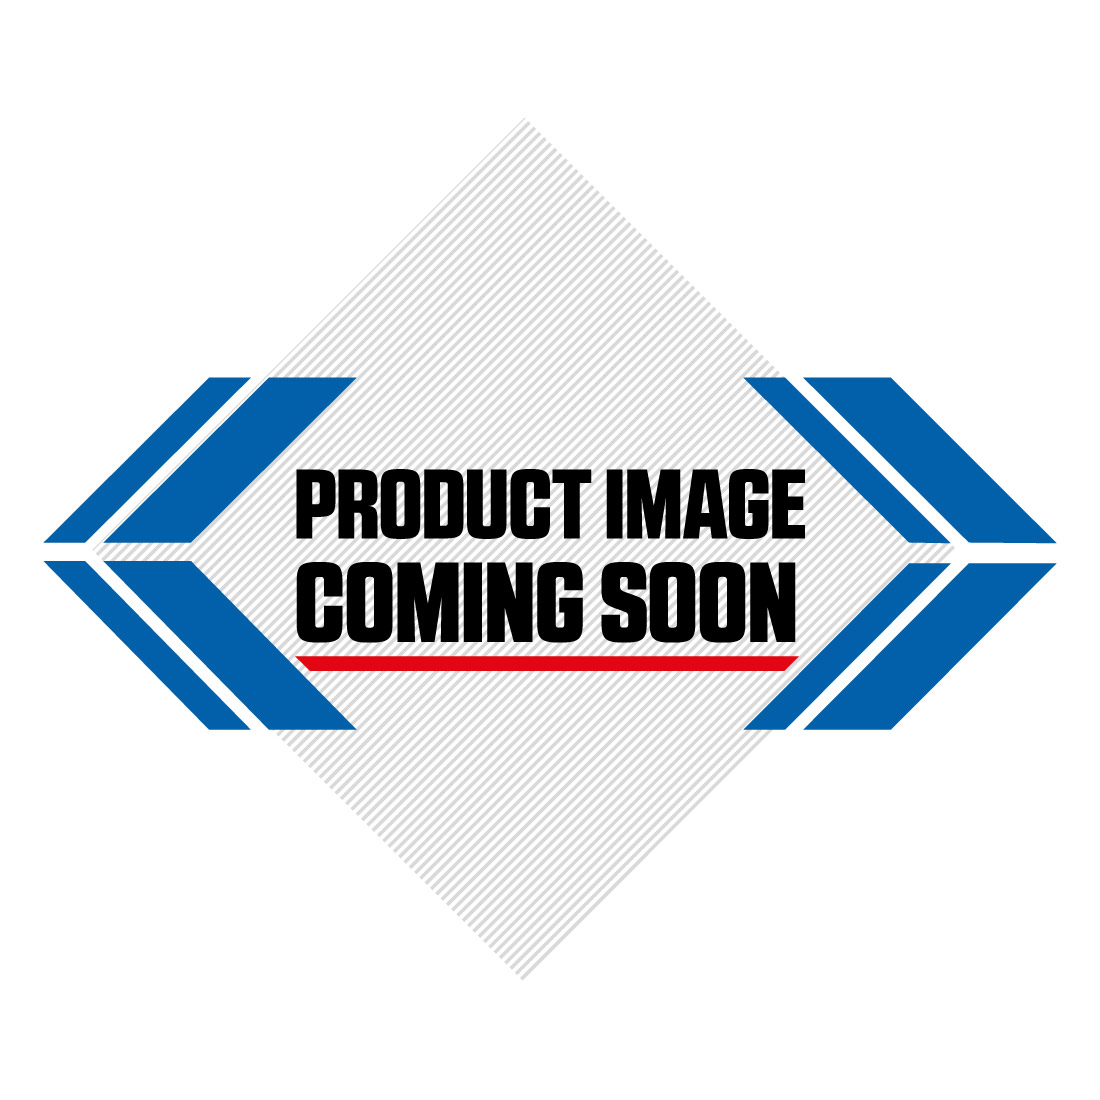 UFO KTM Plastic Kit SX 125 150 250 SXF 250 350 450 (16-18) Black Image-4>